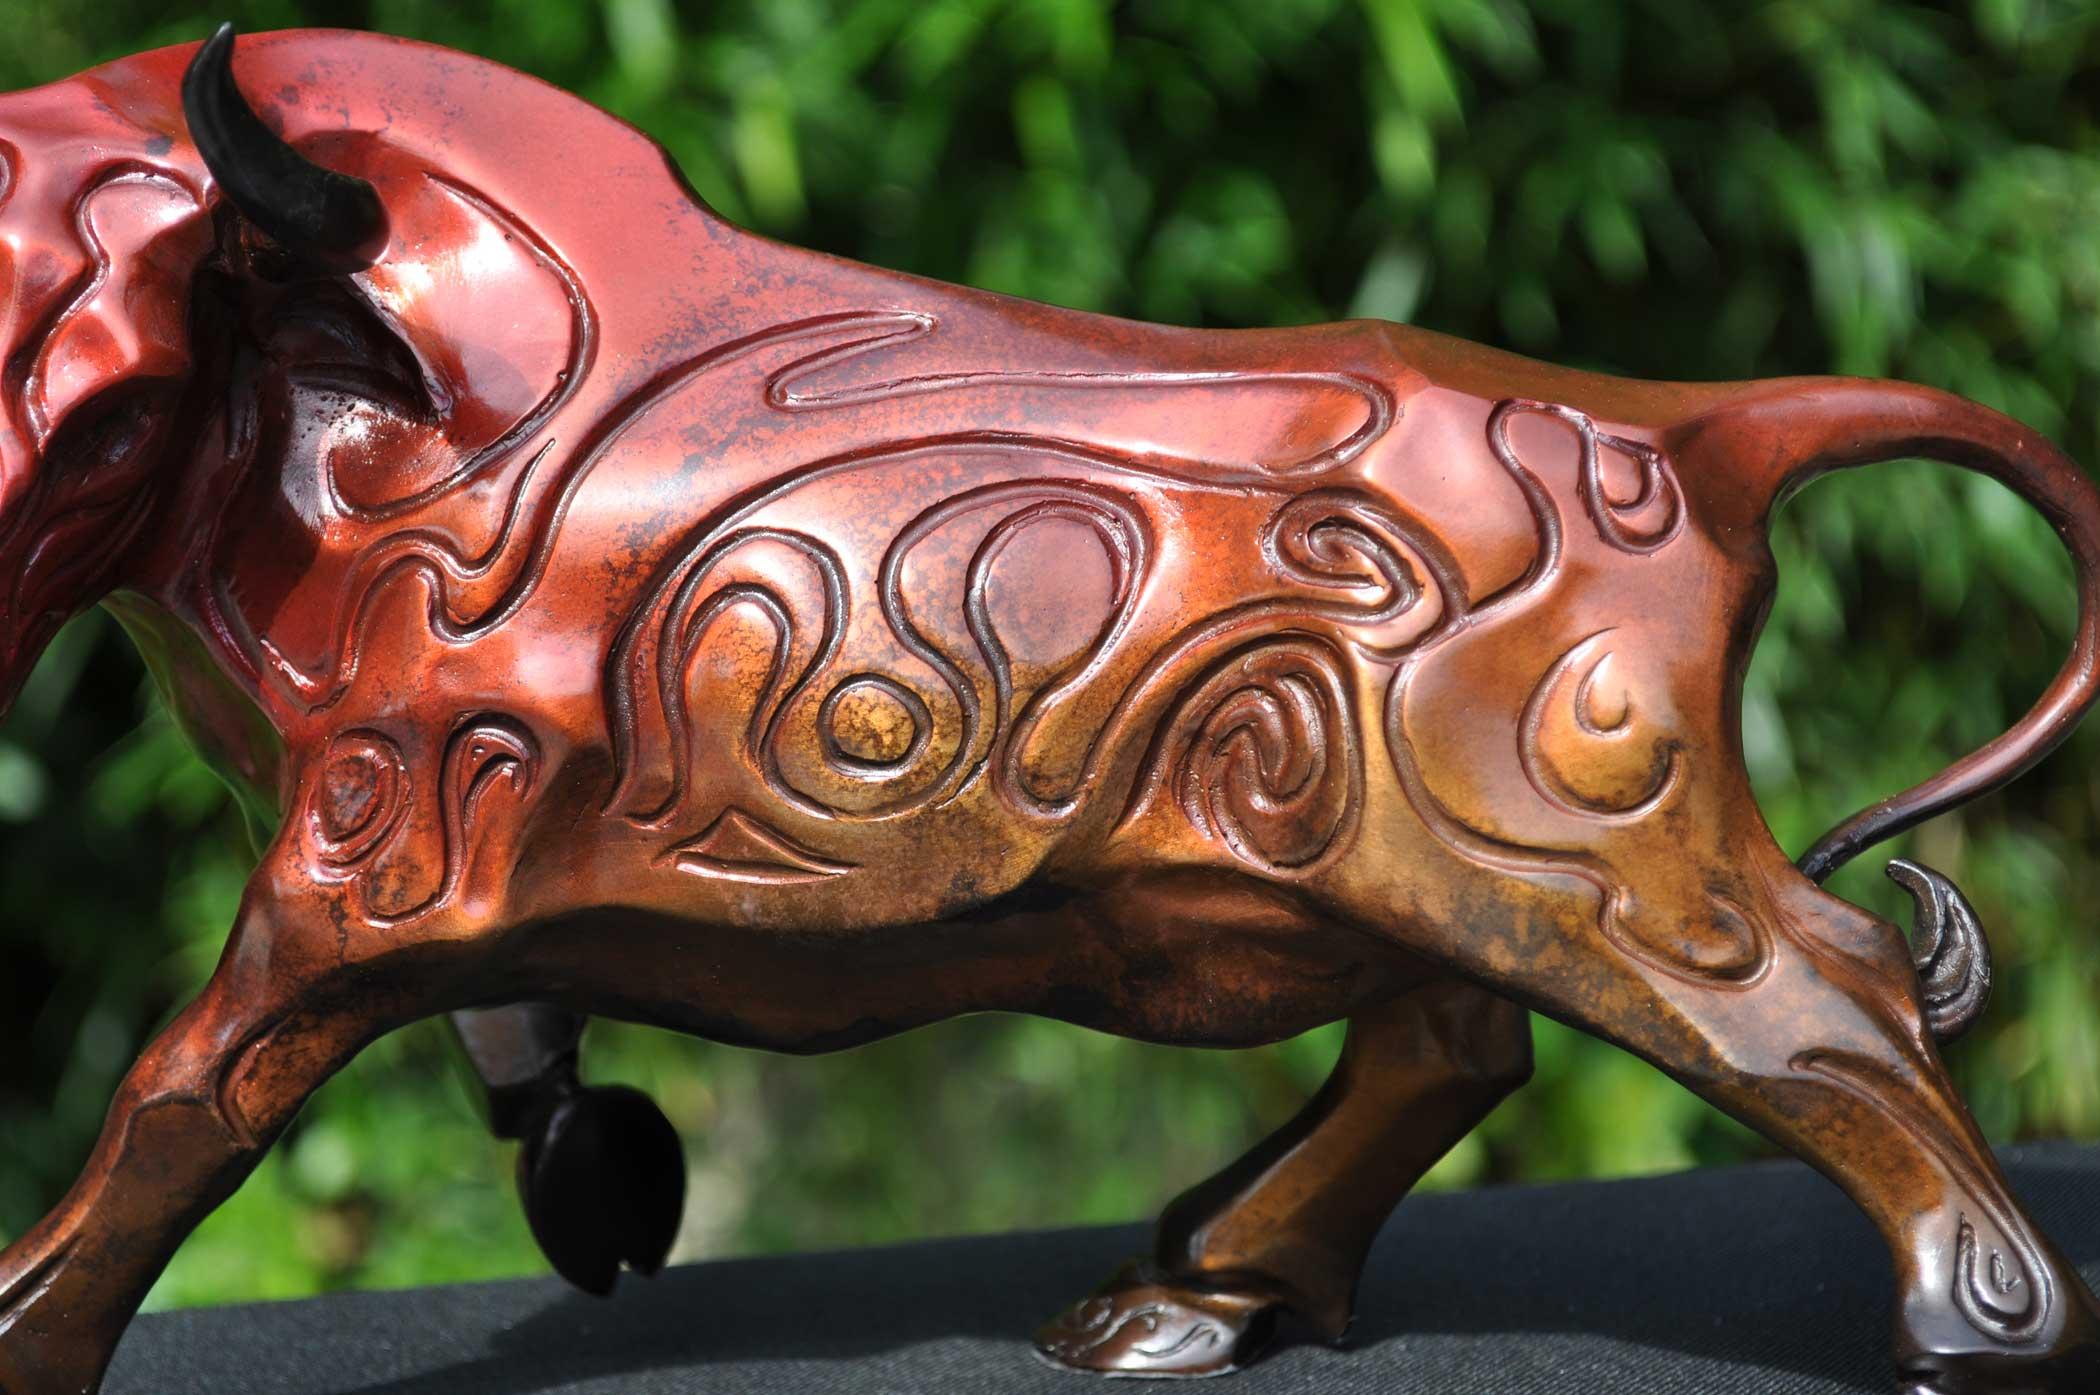 bronze-bull-sculpture-toro-john-maisano-9.jpg